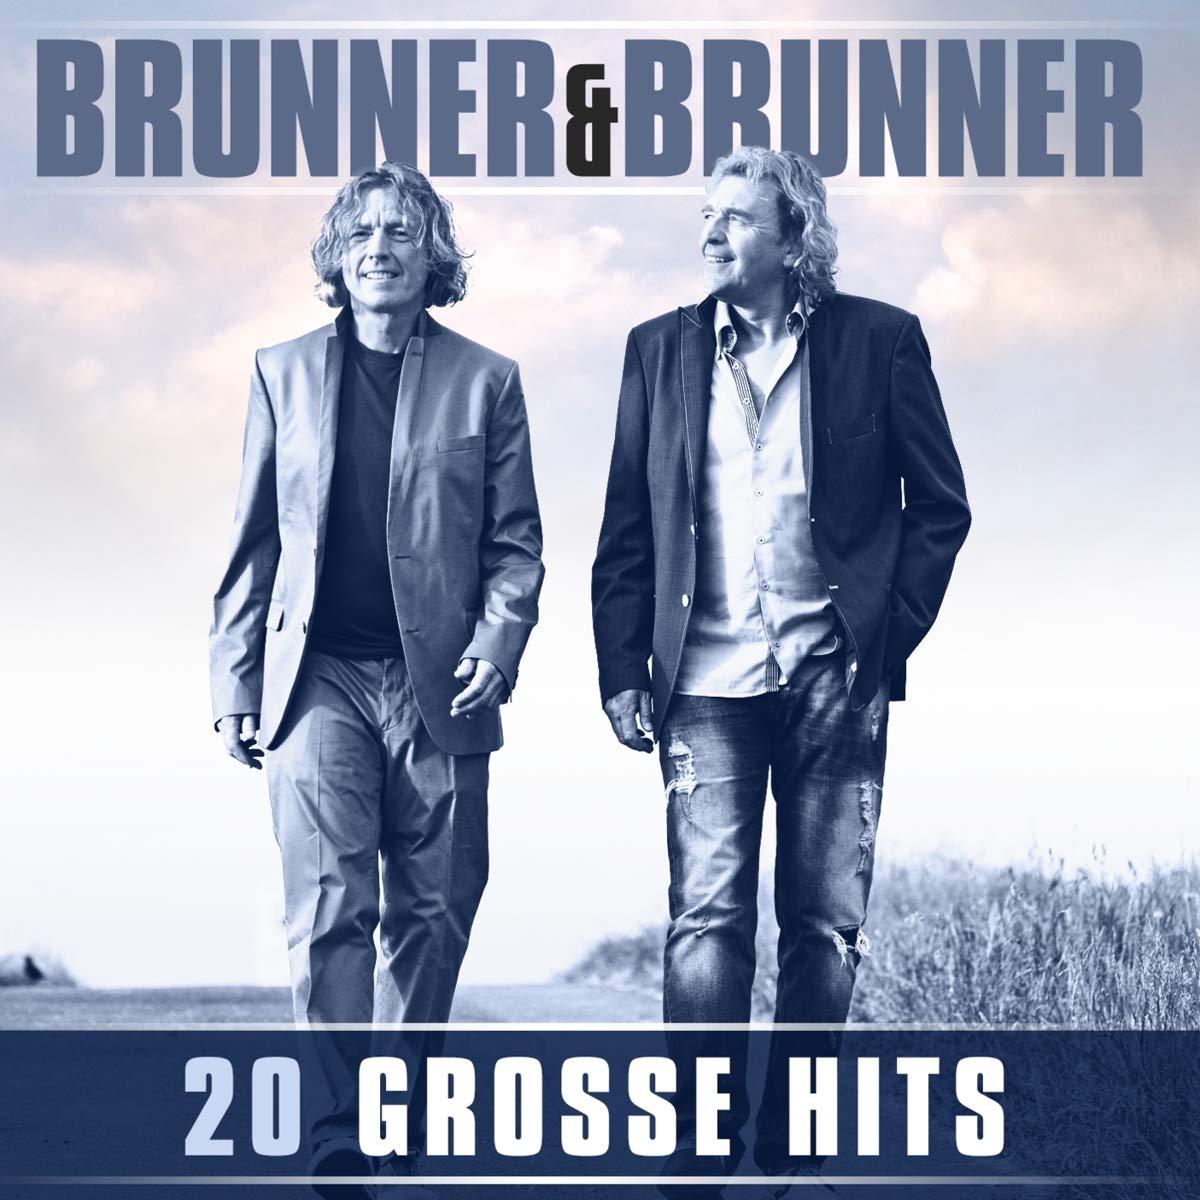 Brunner & Brunner - 20 große Hits (2021)